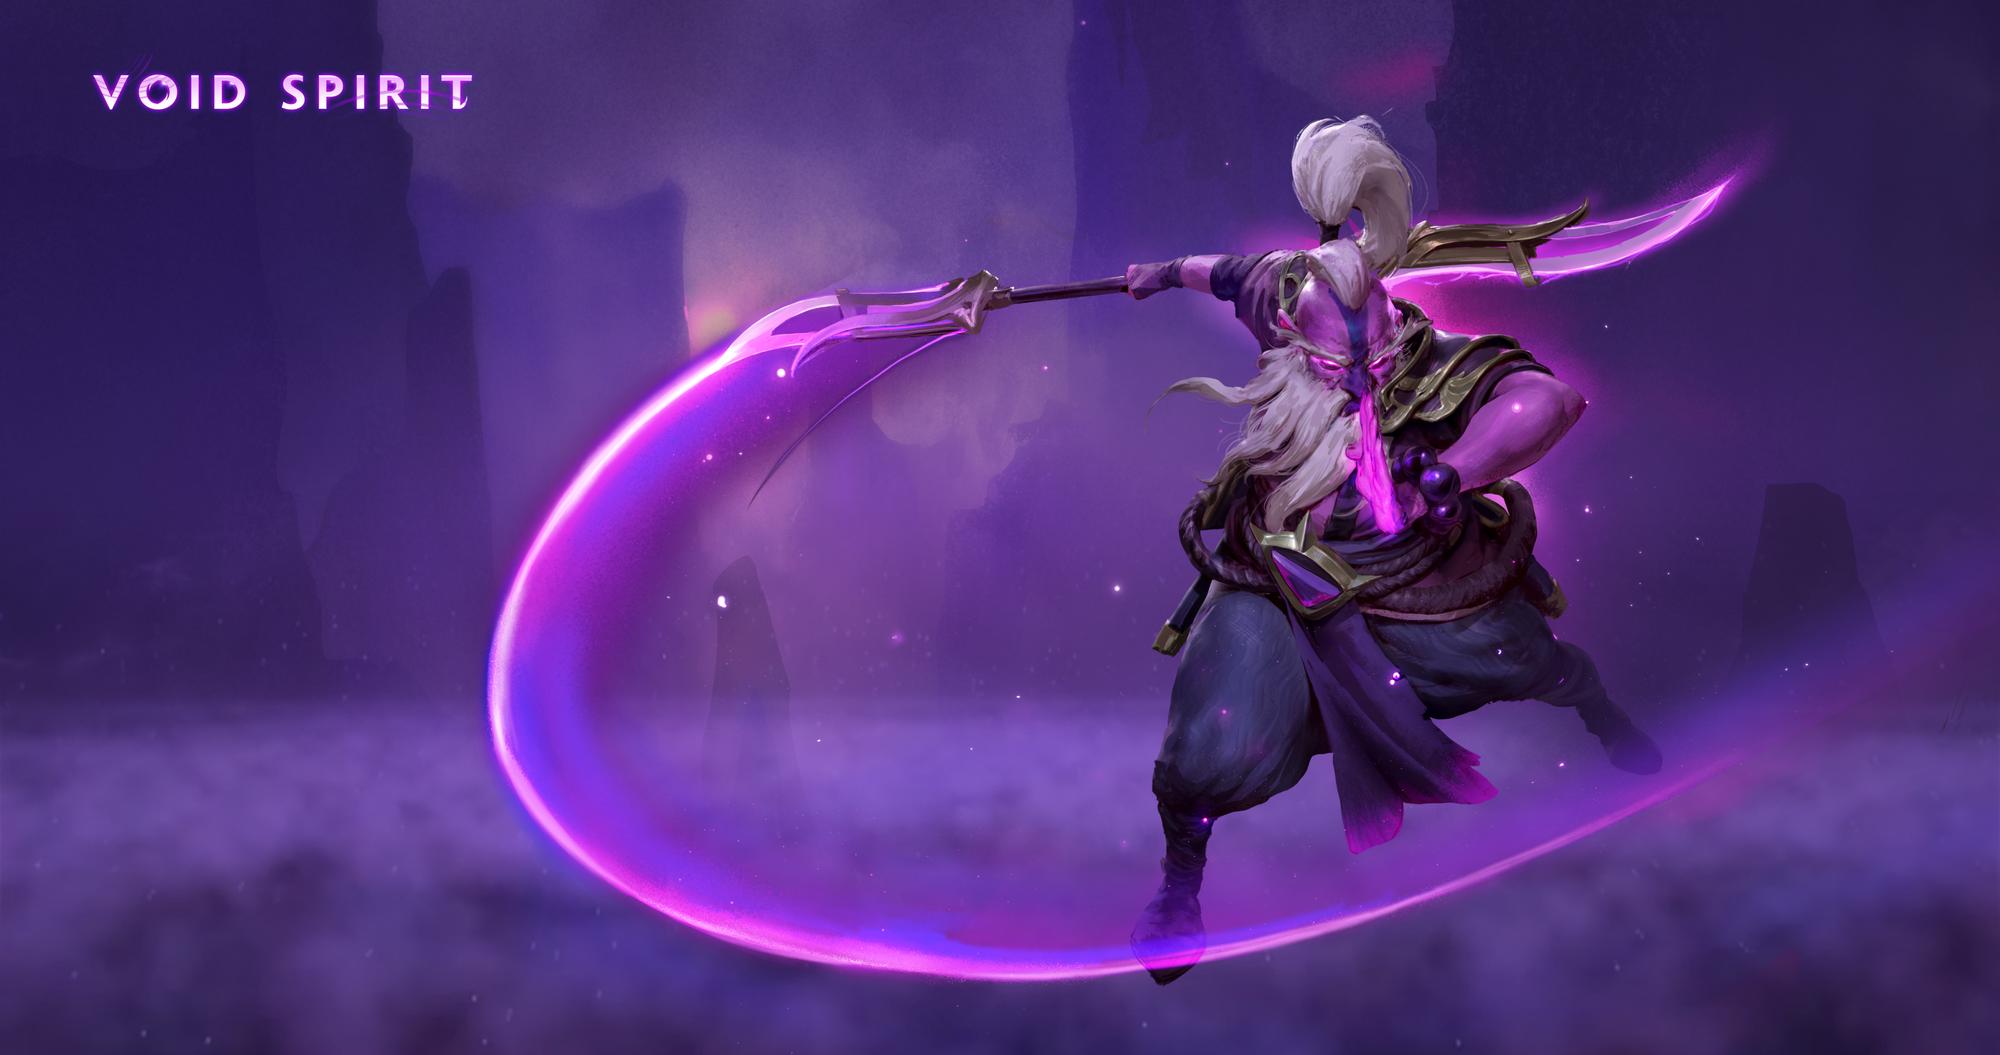 """void spirit 8 - """"Dead"""" Yang nói về bản 7.23: """"Kỹ năng level 25 của Courier khá là thừa thãi"""""""